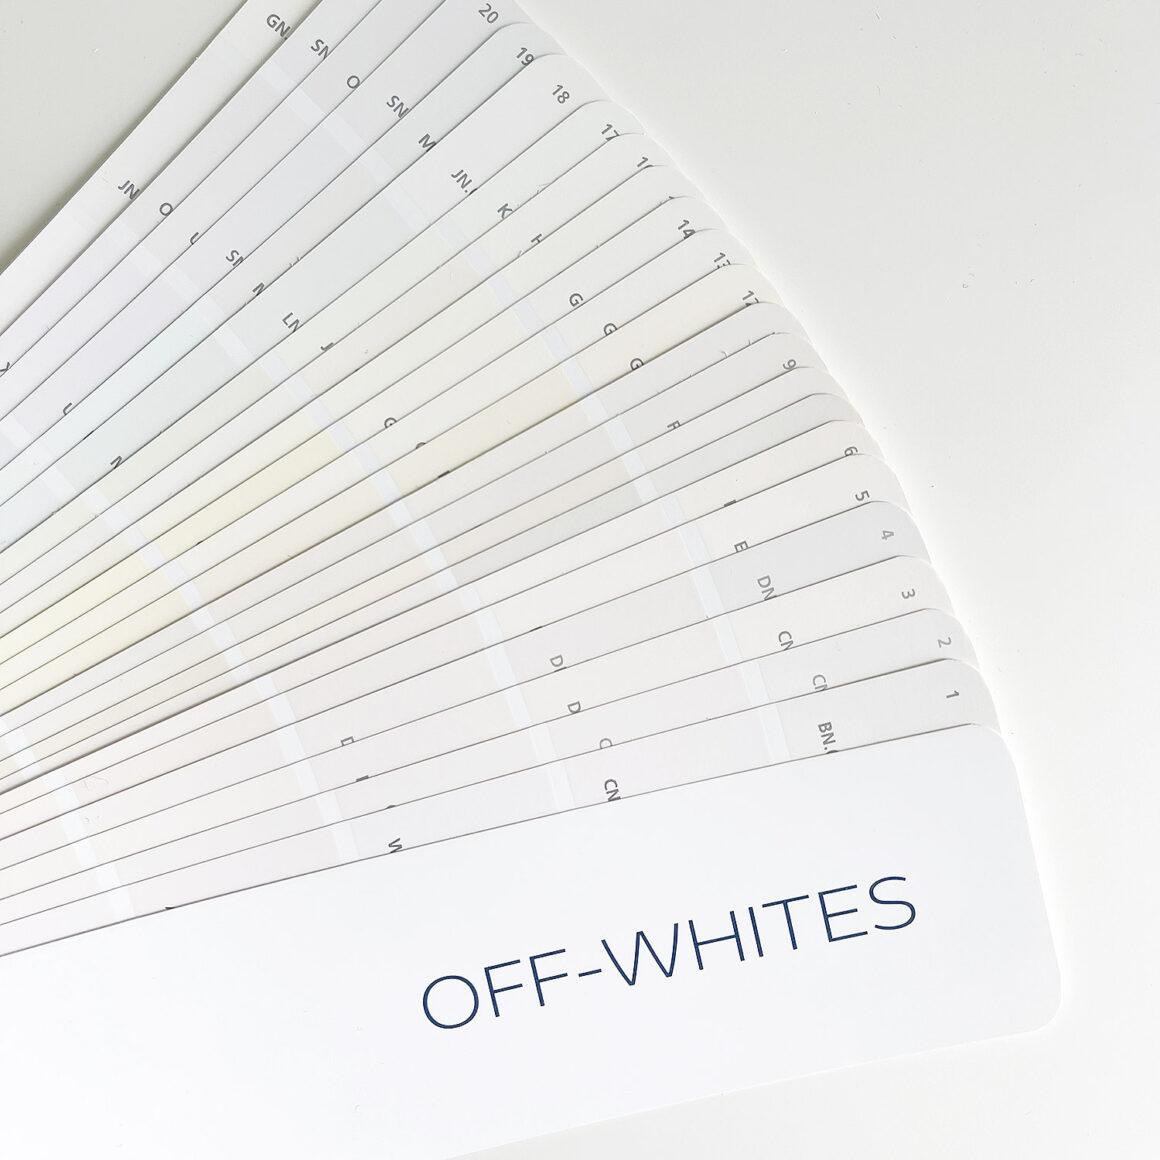 5051 Index off-whites - hildurblad.se